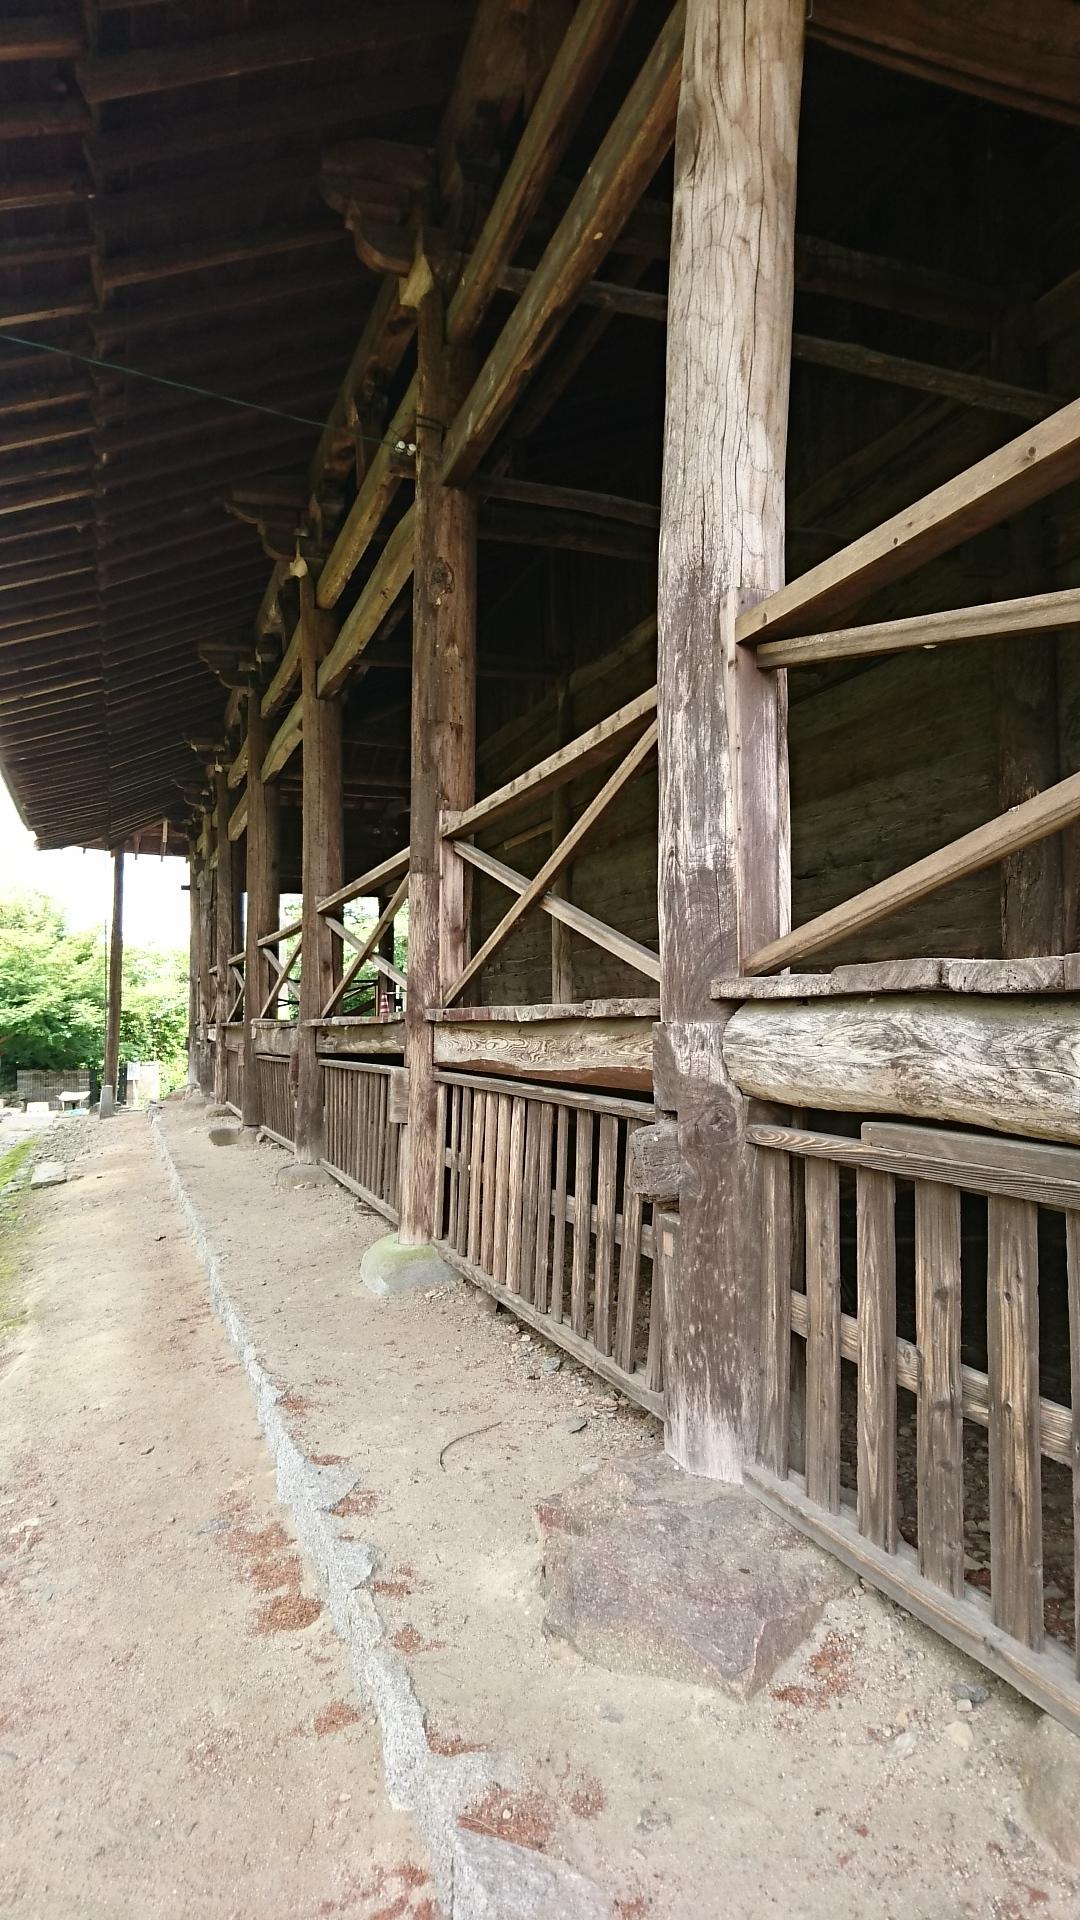 2018.6.7 みたけ (98あ) 願興寺 - 本堂 1080-1920